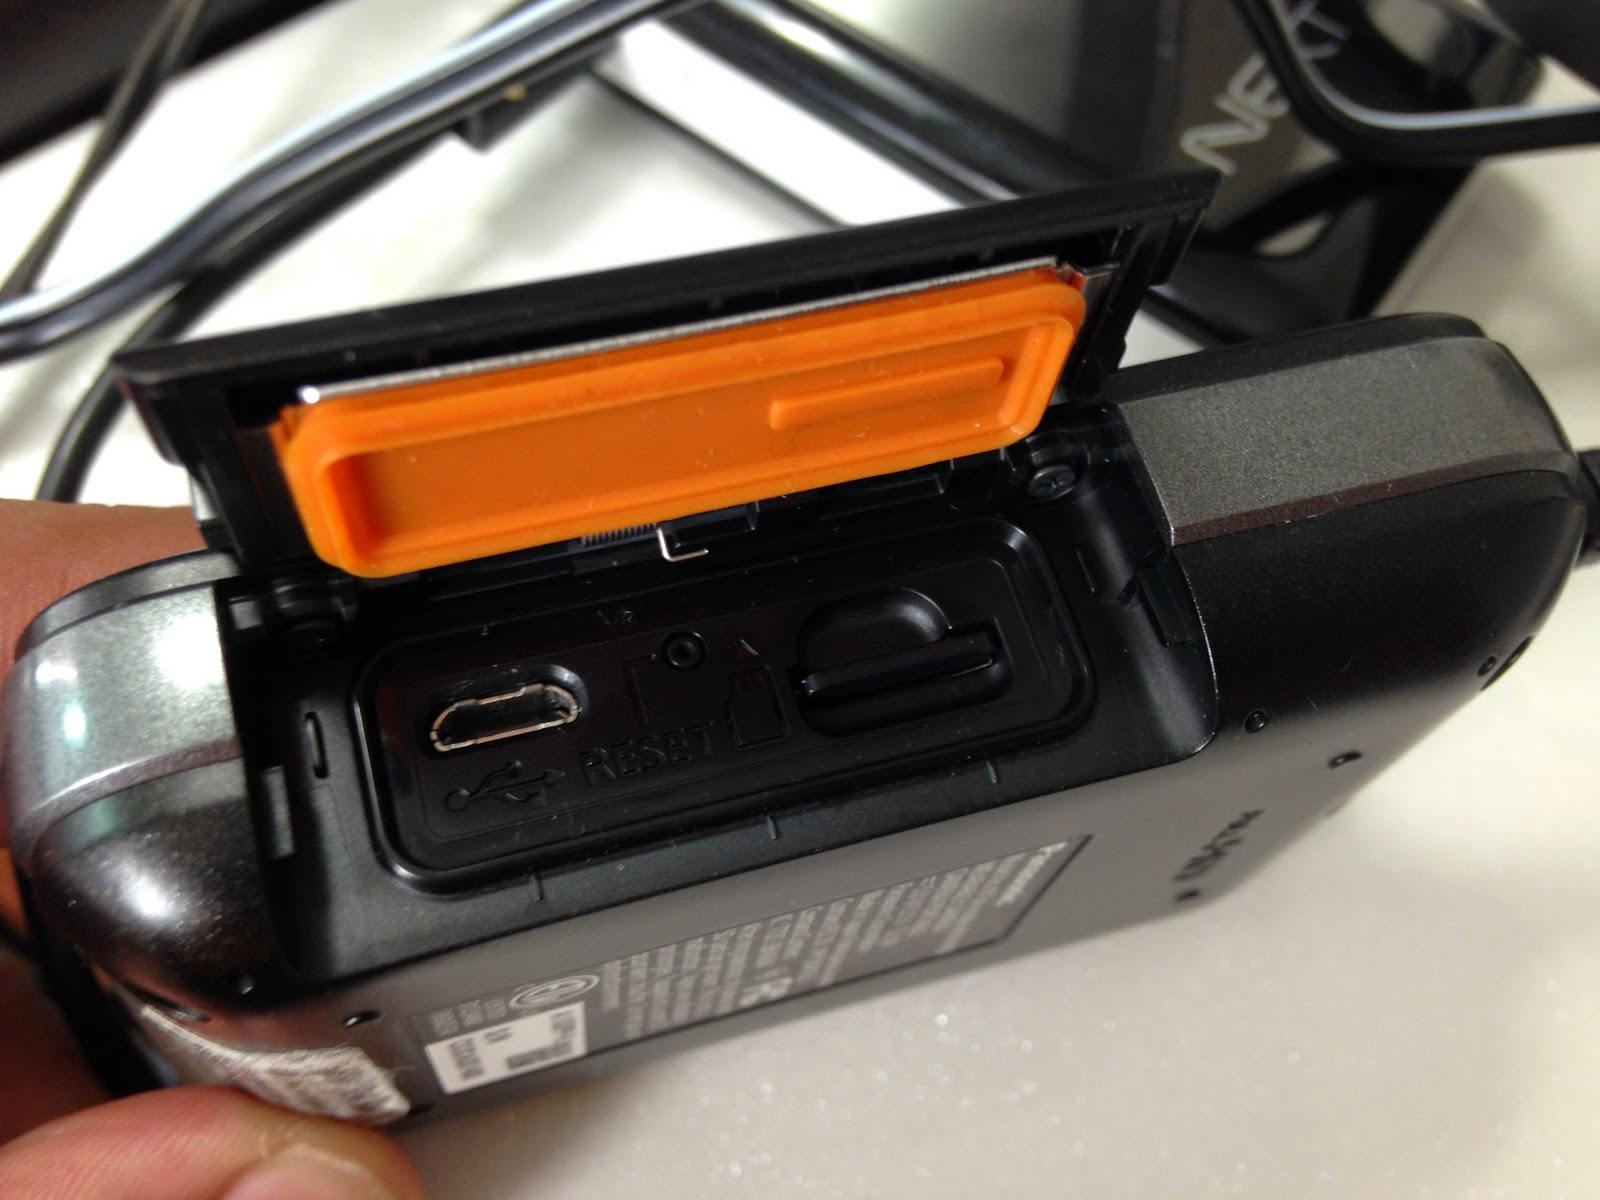 hx-a100 캠코더 옆면의 usb충전 단자와 micro SD카드 삽입 부분